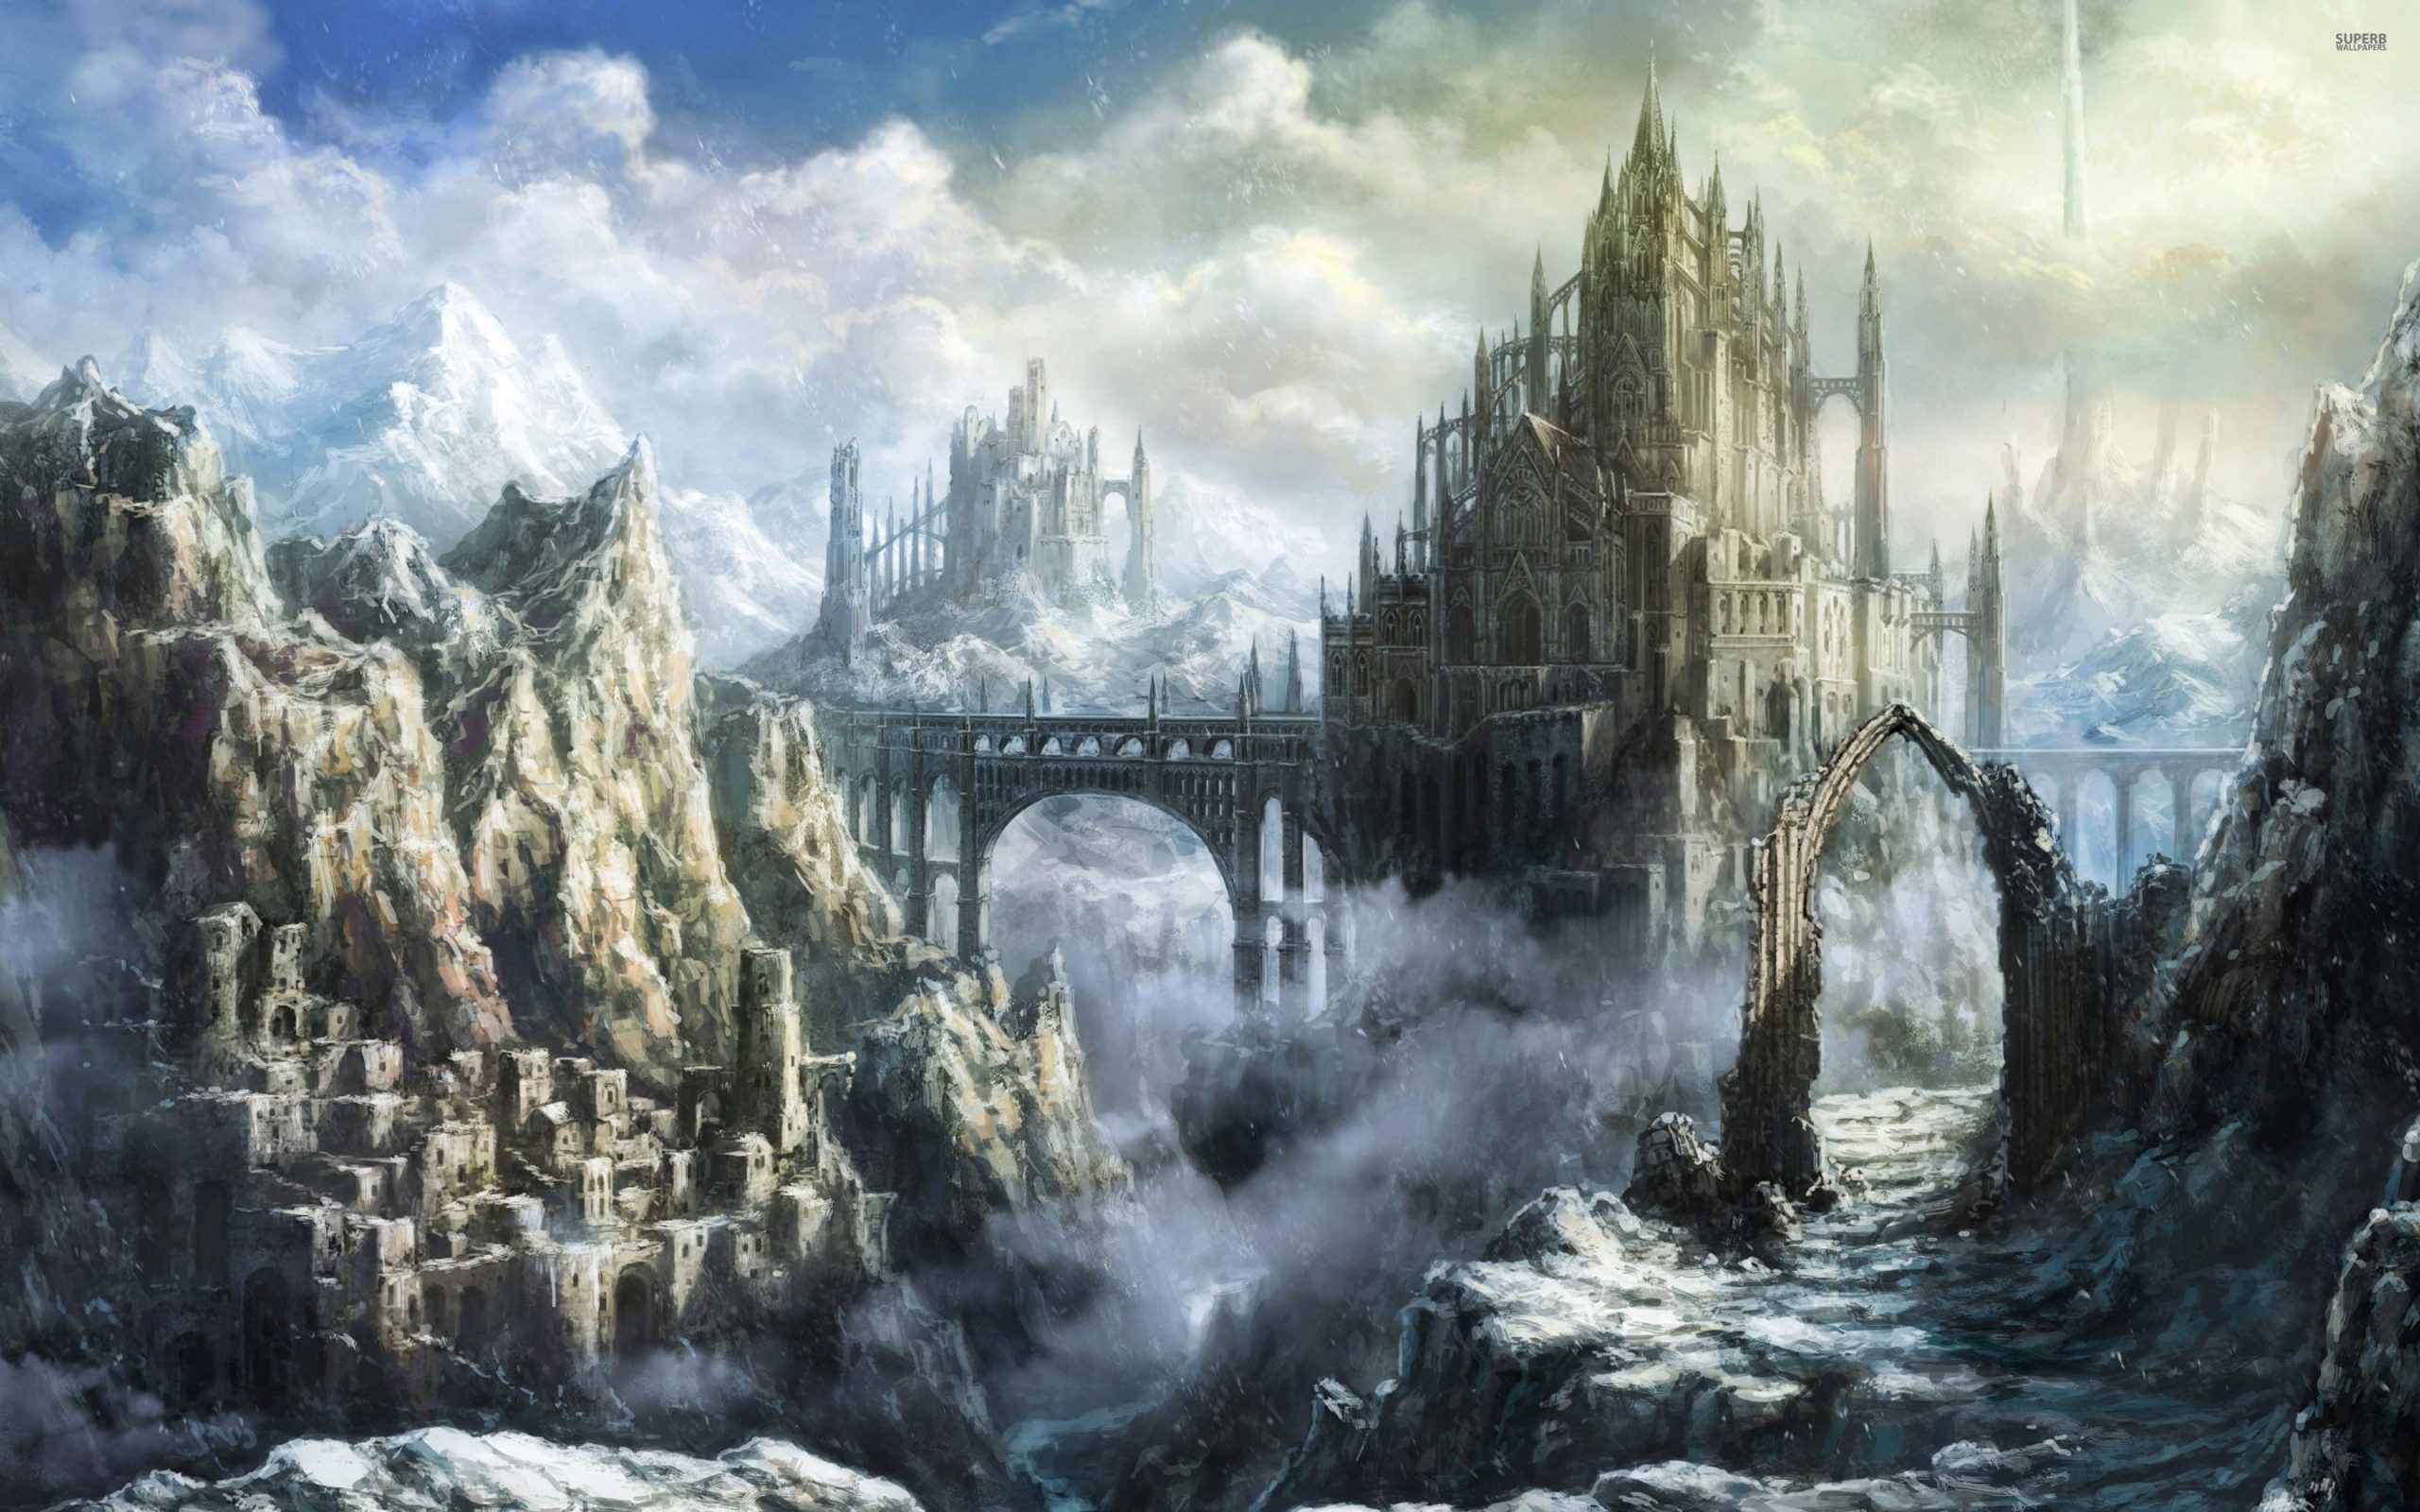 Fantasy Wallpaper 31